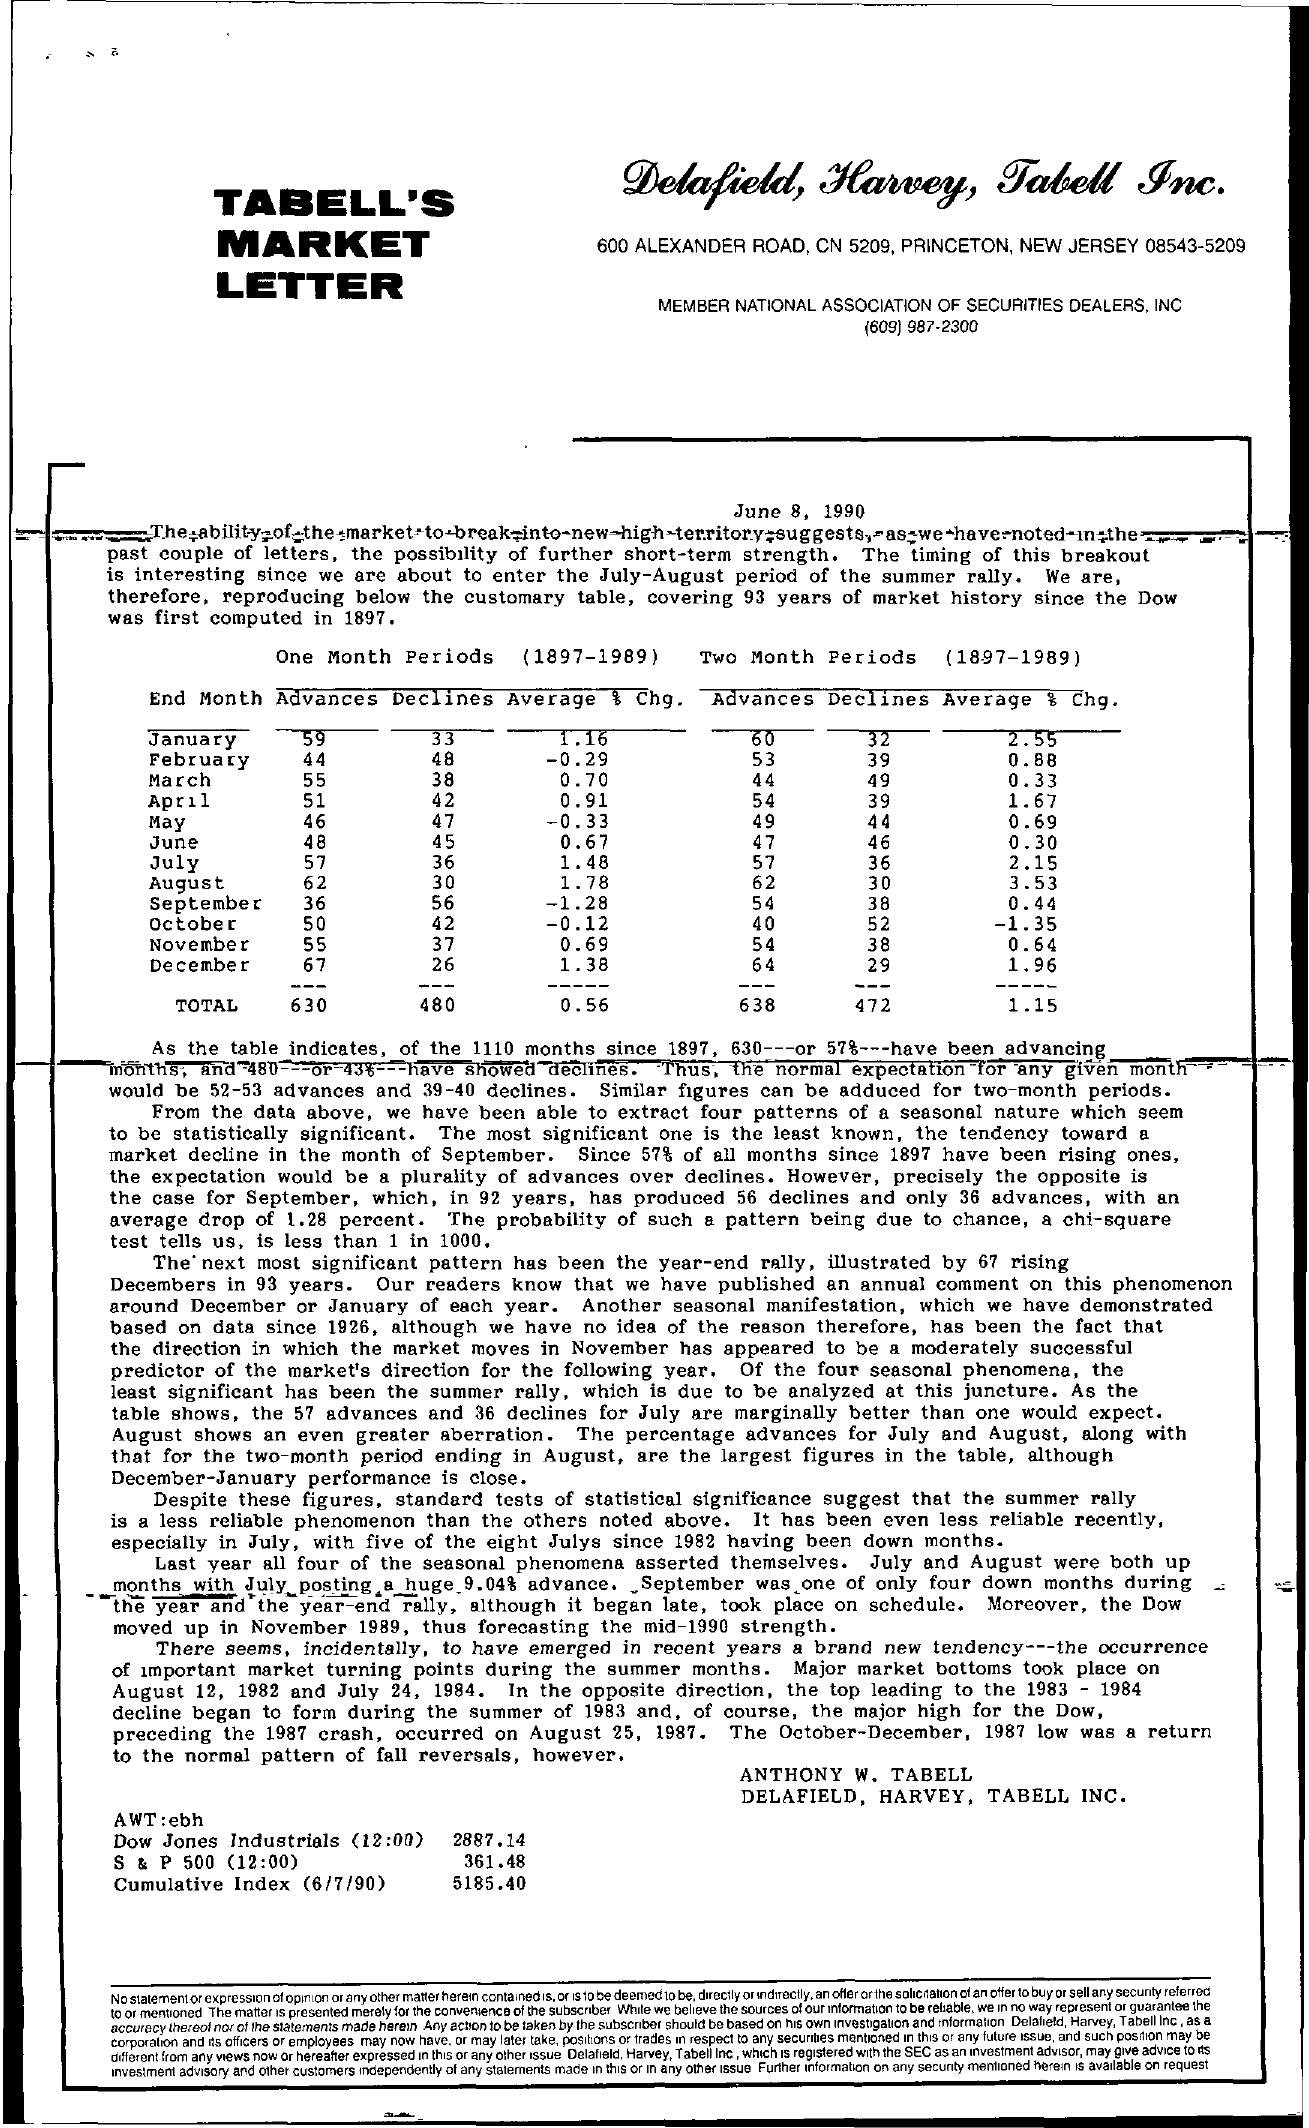 Tabell's Market Letter - June 08, 1990